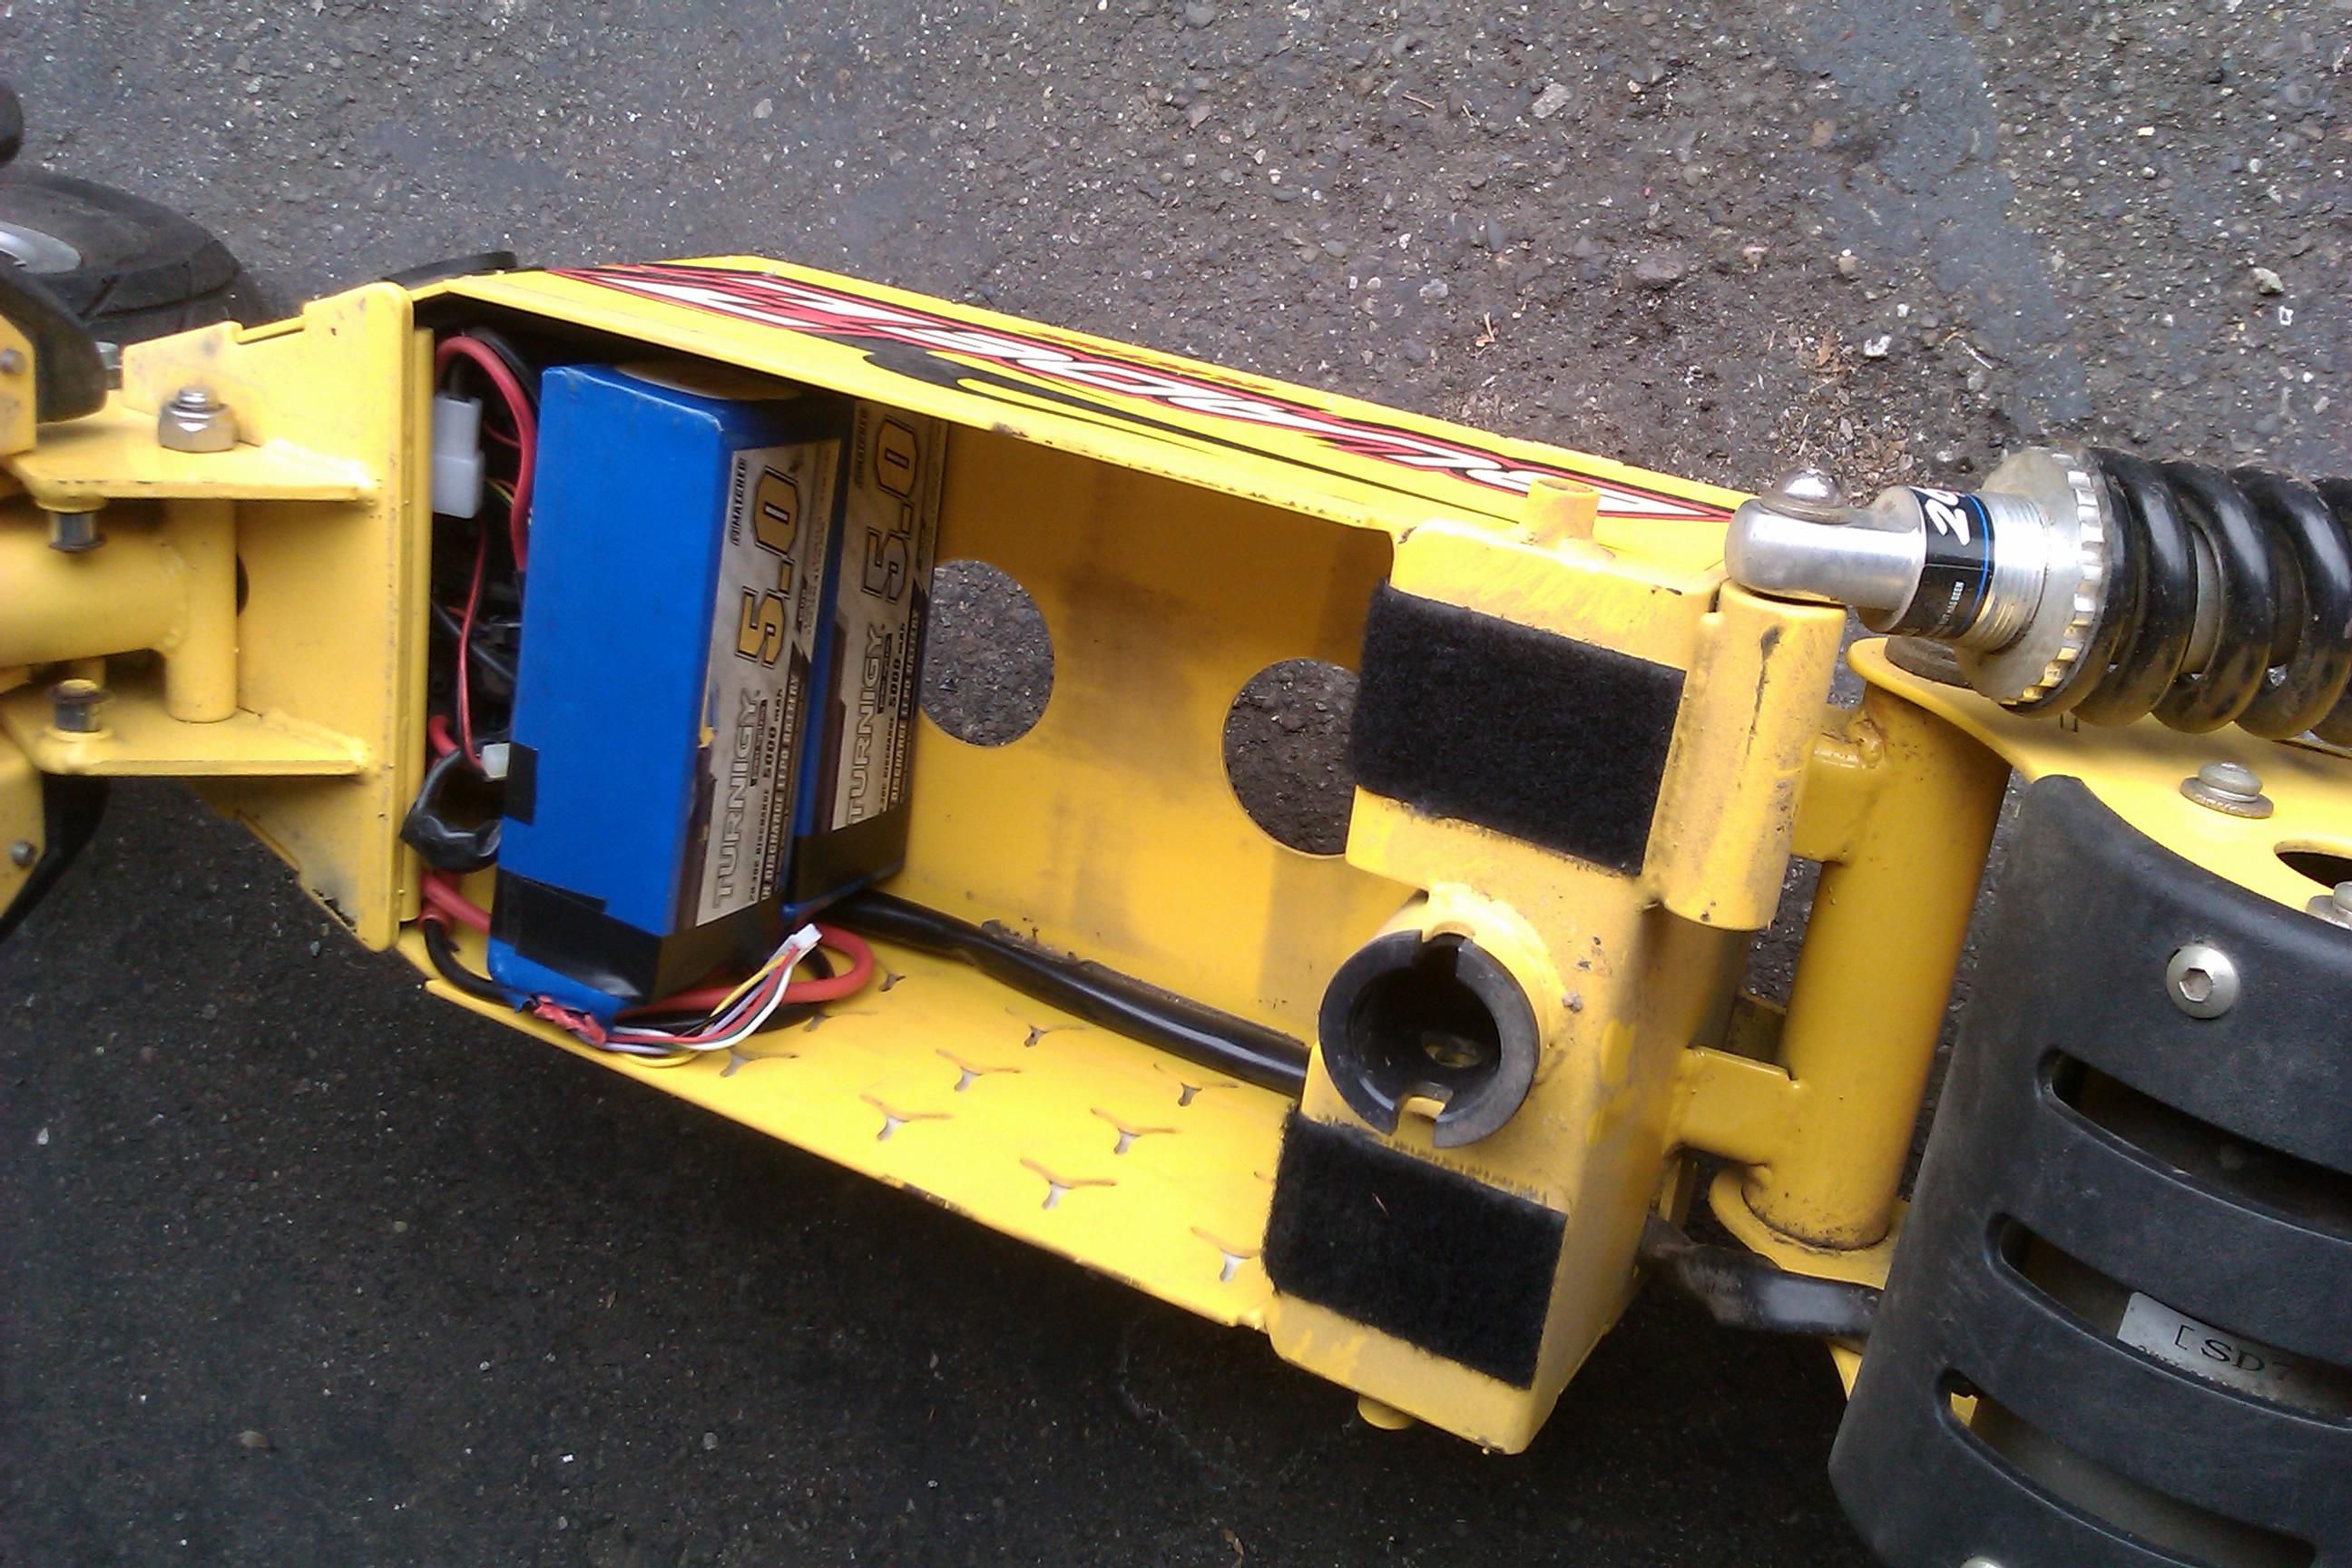 [SCHEMATICS_48IS]  ZD_3329] Bladez Scooters Wiring Diagram Free Diagram   Bladez Xtr Electric Scooter Wiring Schematics      umng.argu.lite.kesian.illuminateatx.org